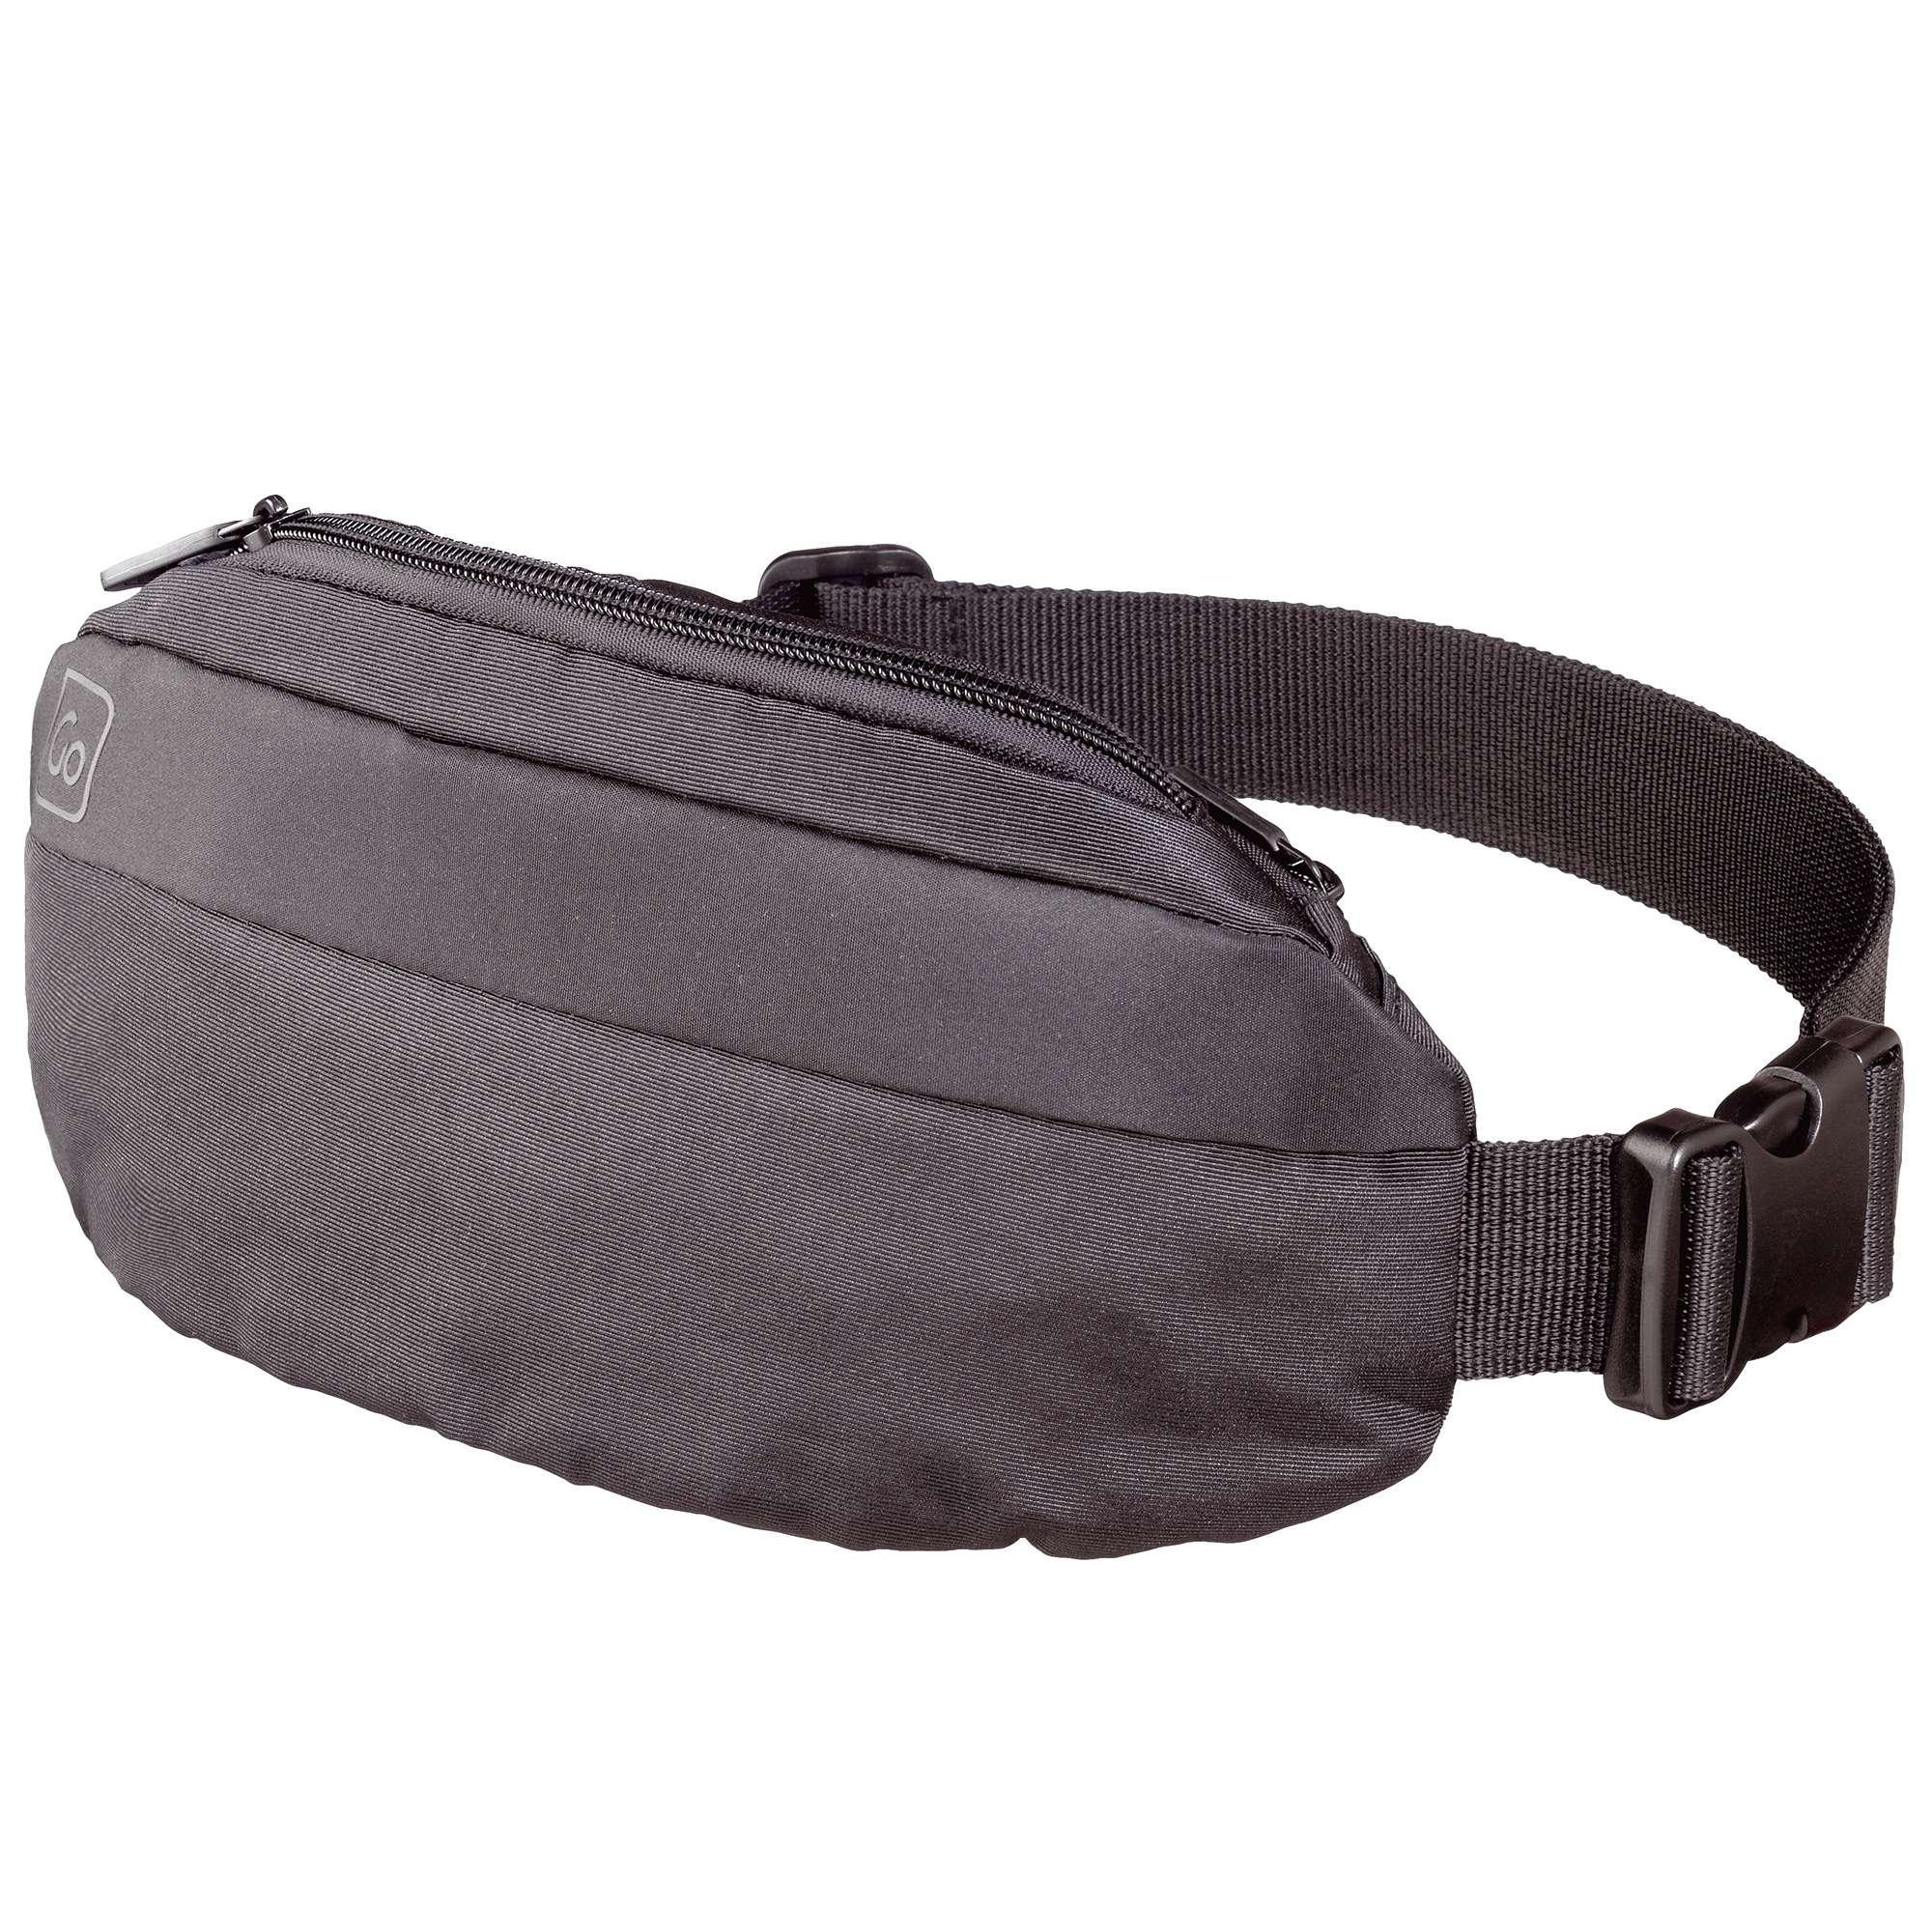 DESIGN GO Waist Bag